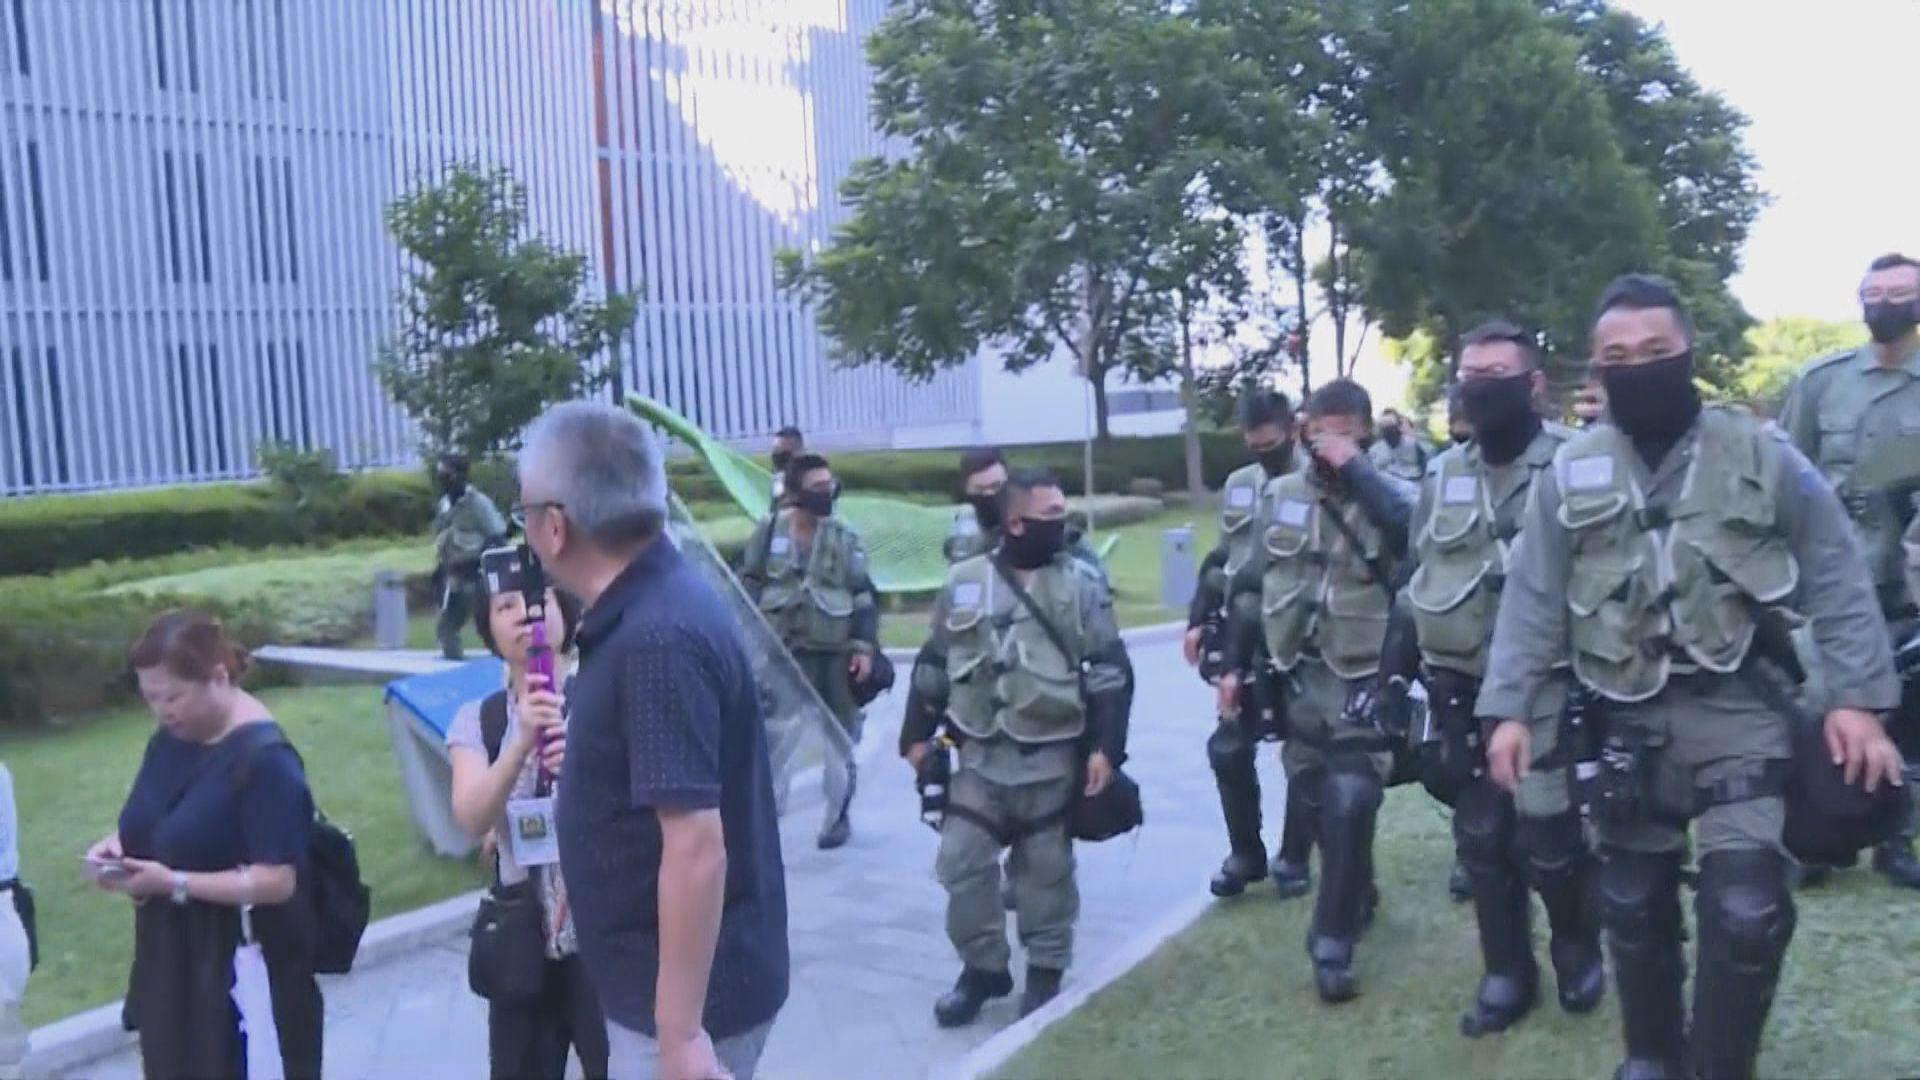 警封添馬公園要求在場人士離開 指預防非法活動